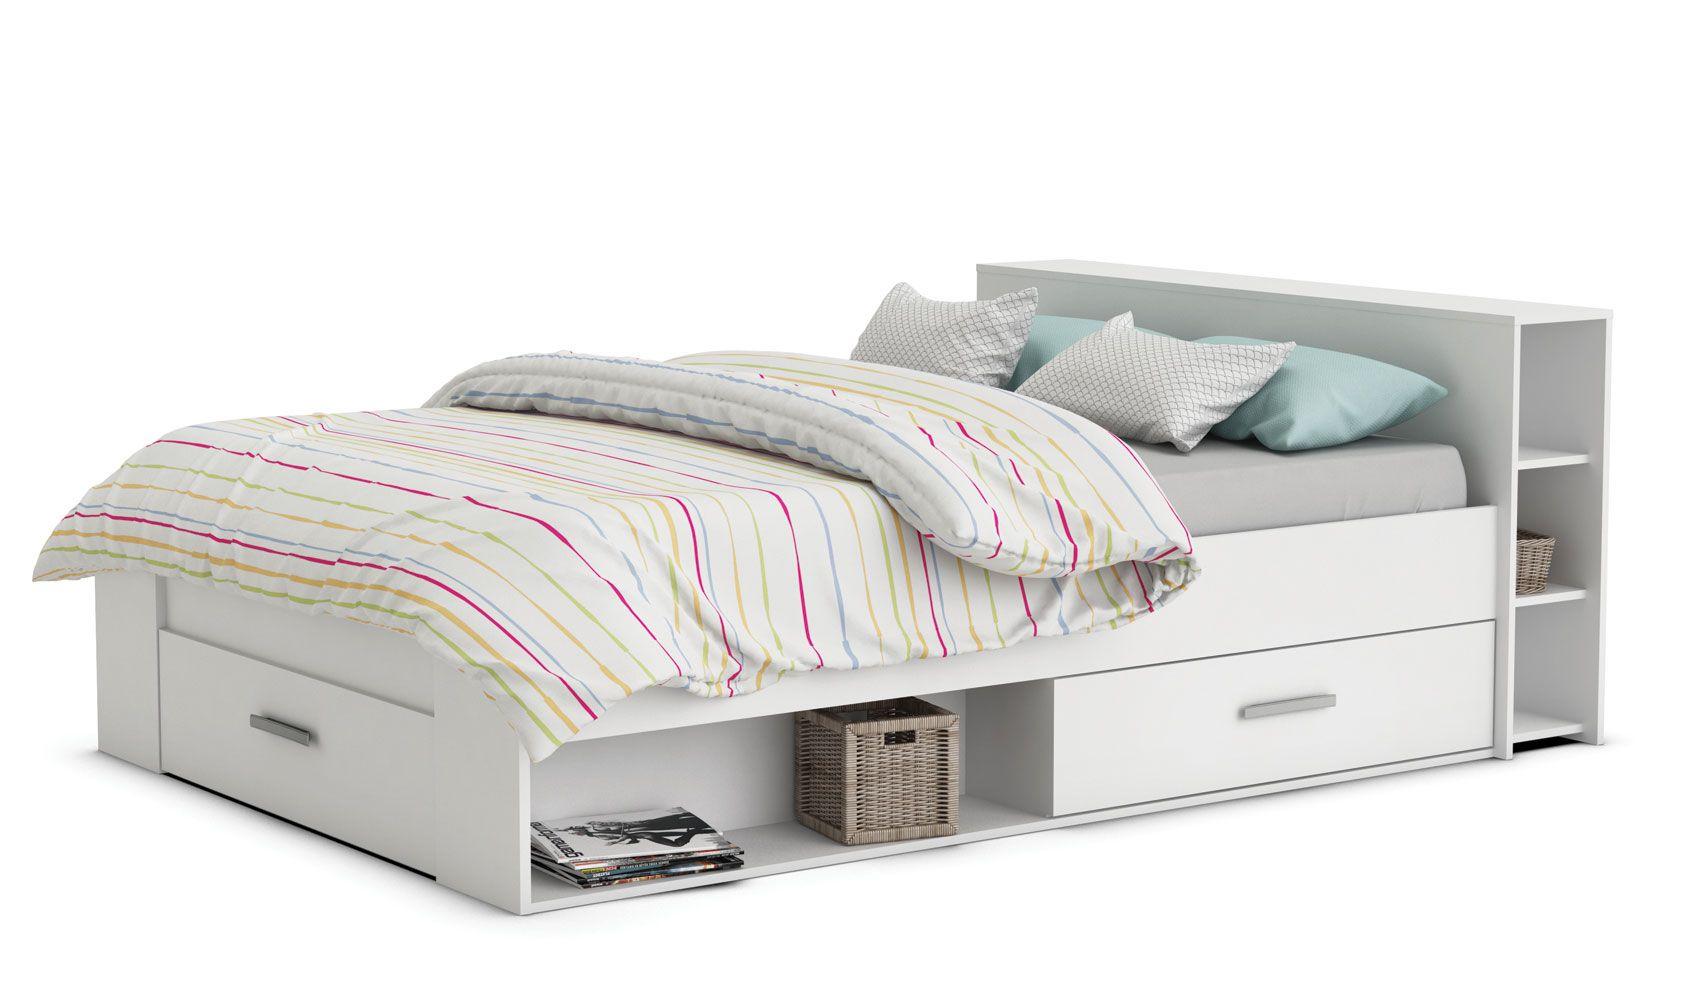 Full Size of Kinderbett 120x200 Angenehm Stauraum Bett Galerien Mit Bettkasten Matratze Und Lattenrost Betten Weiß Wohnzimmer Kinderbett 120x200